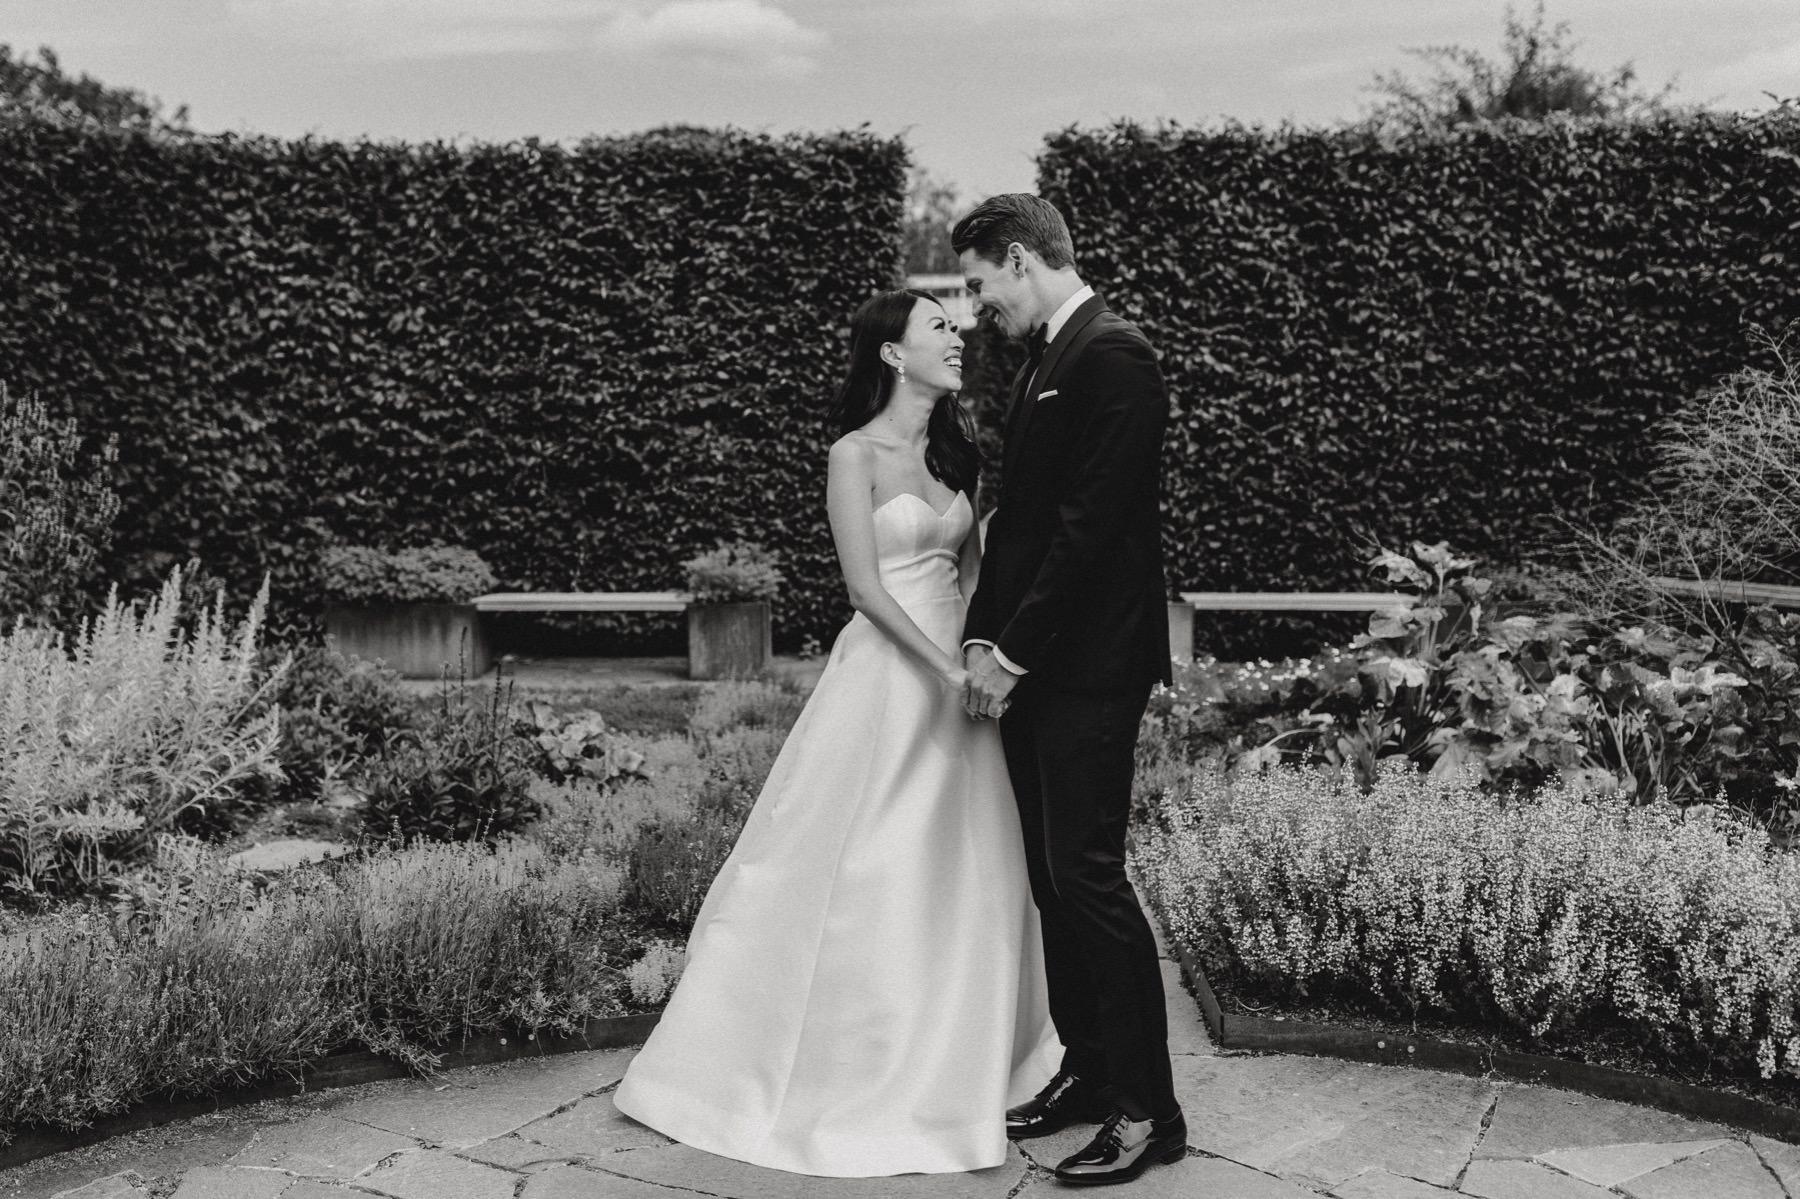 garden wedding in Sweden